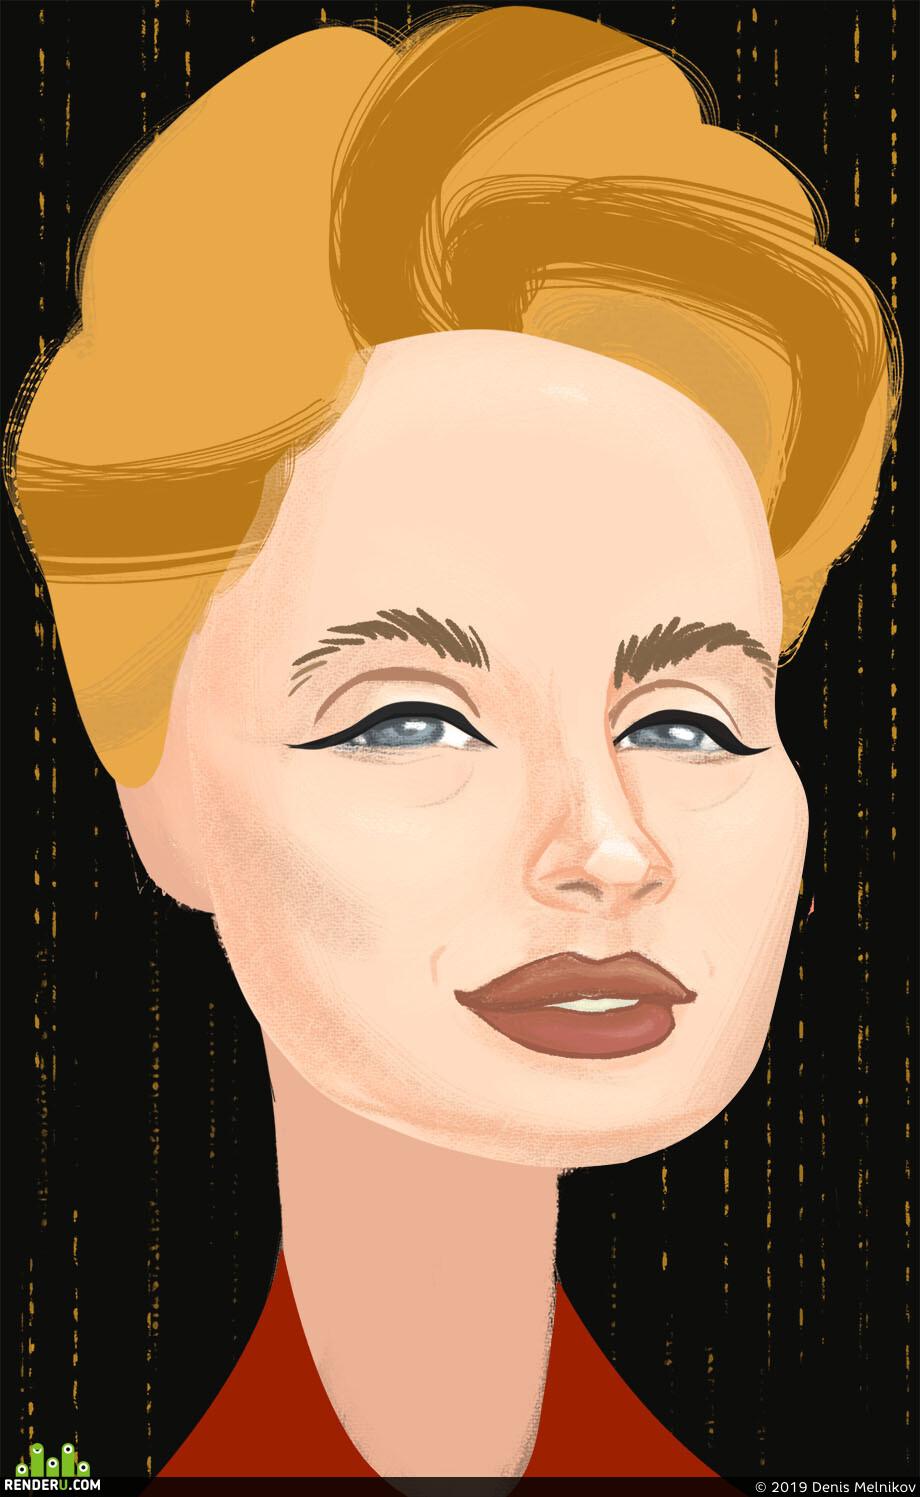 портрет, девушка, лицо, Юмор